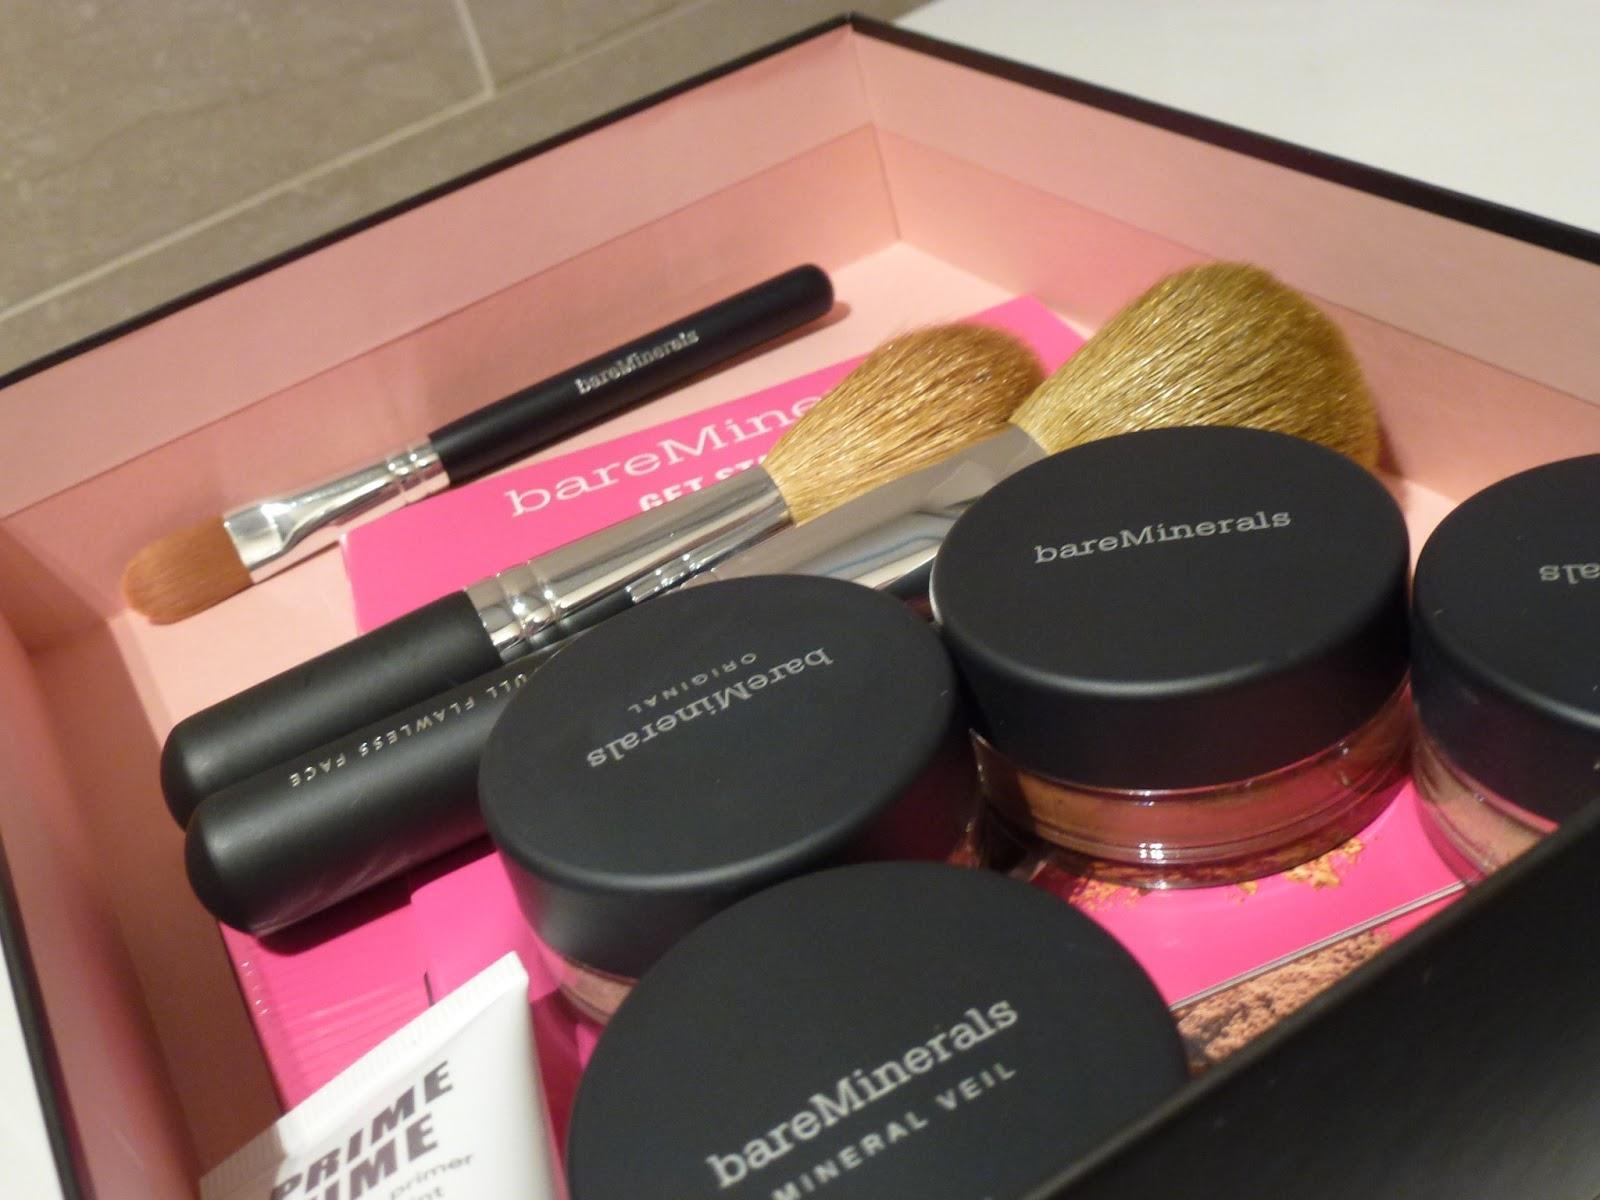 bare mineral makeup kit bing images. Black Bedroom Furniture Sets. Home Design Ideas